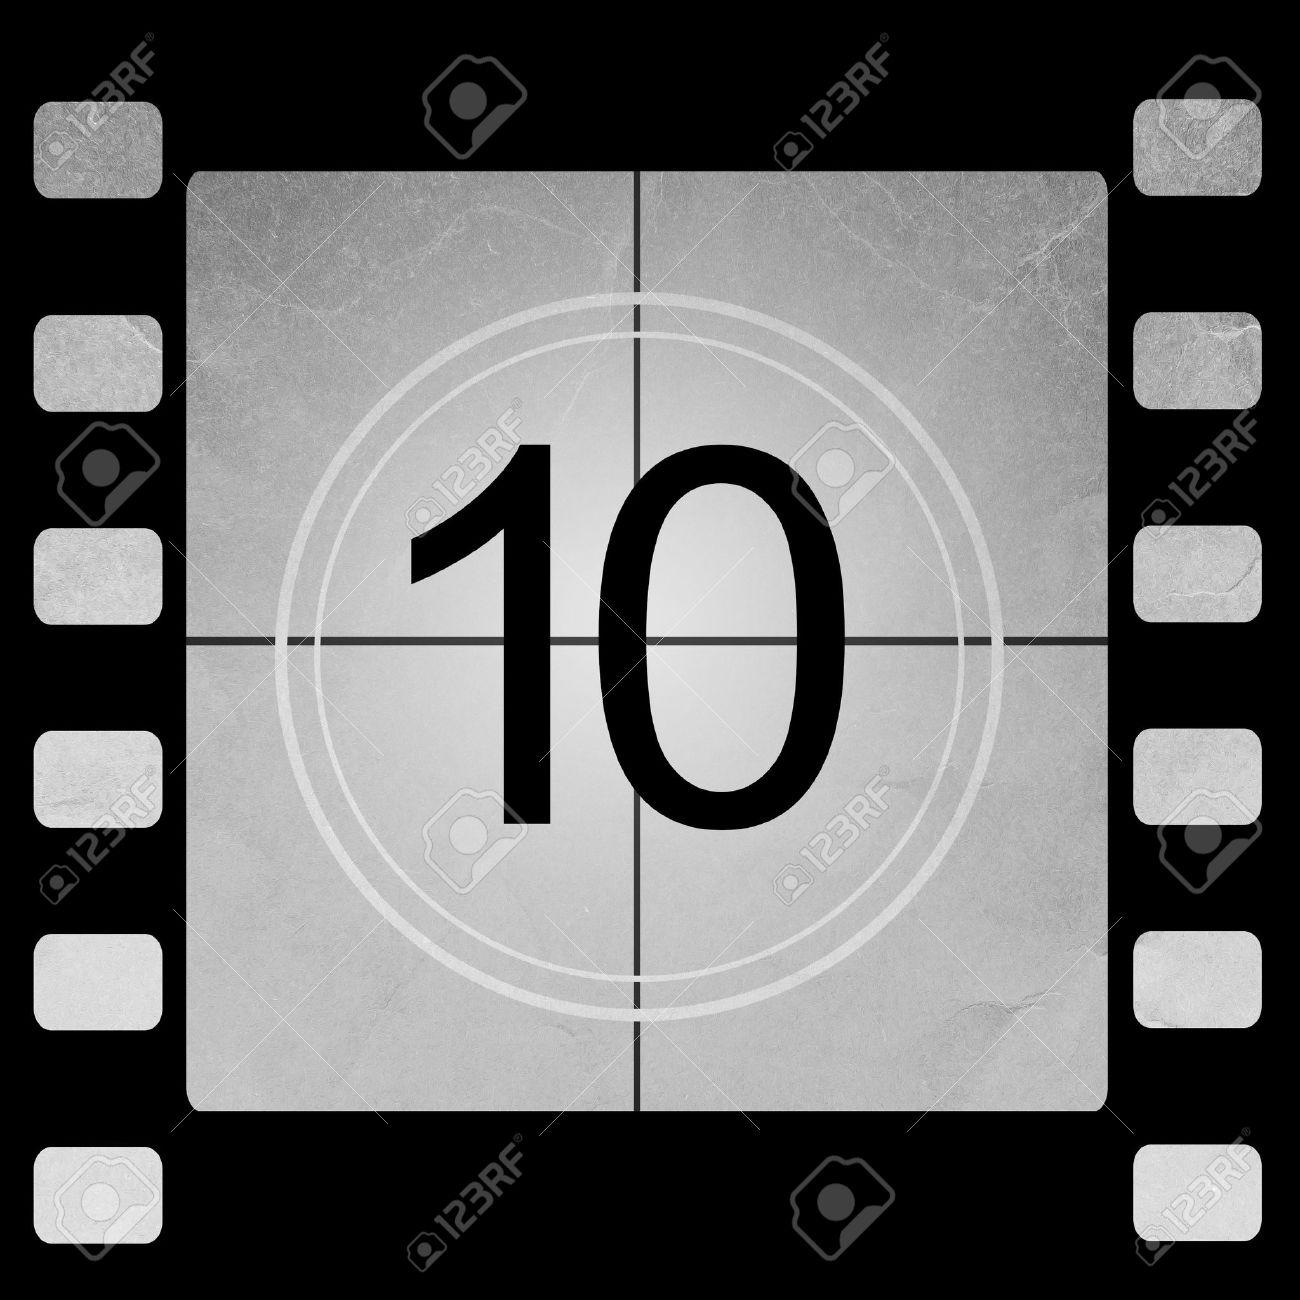 映画カウント ダウン 10 ロイヤリティーフリーフォト ピクチャー 画像